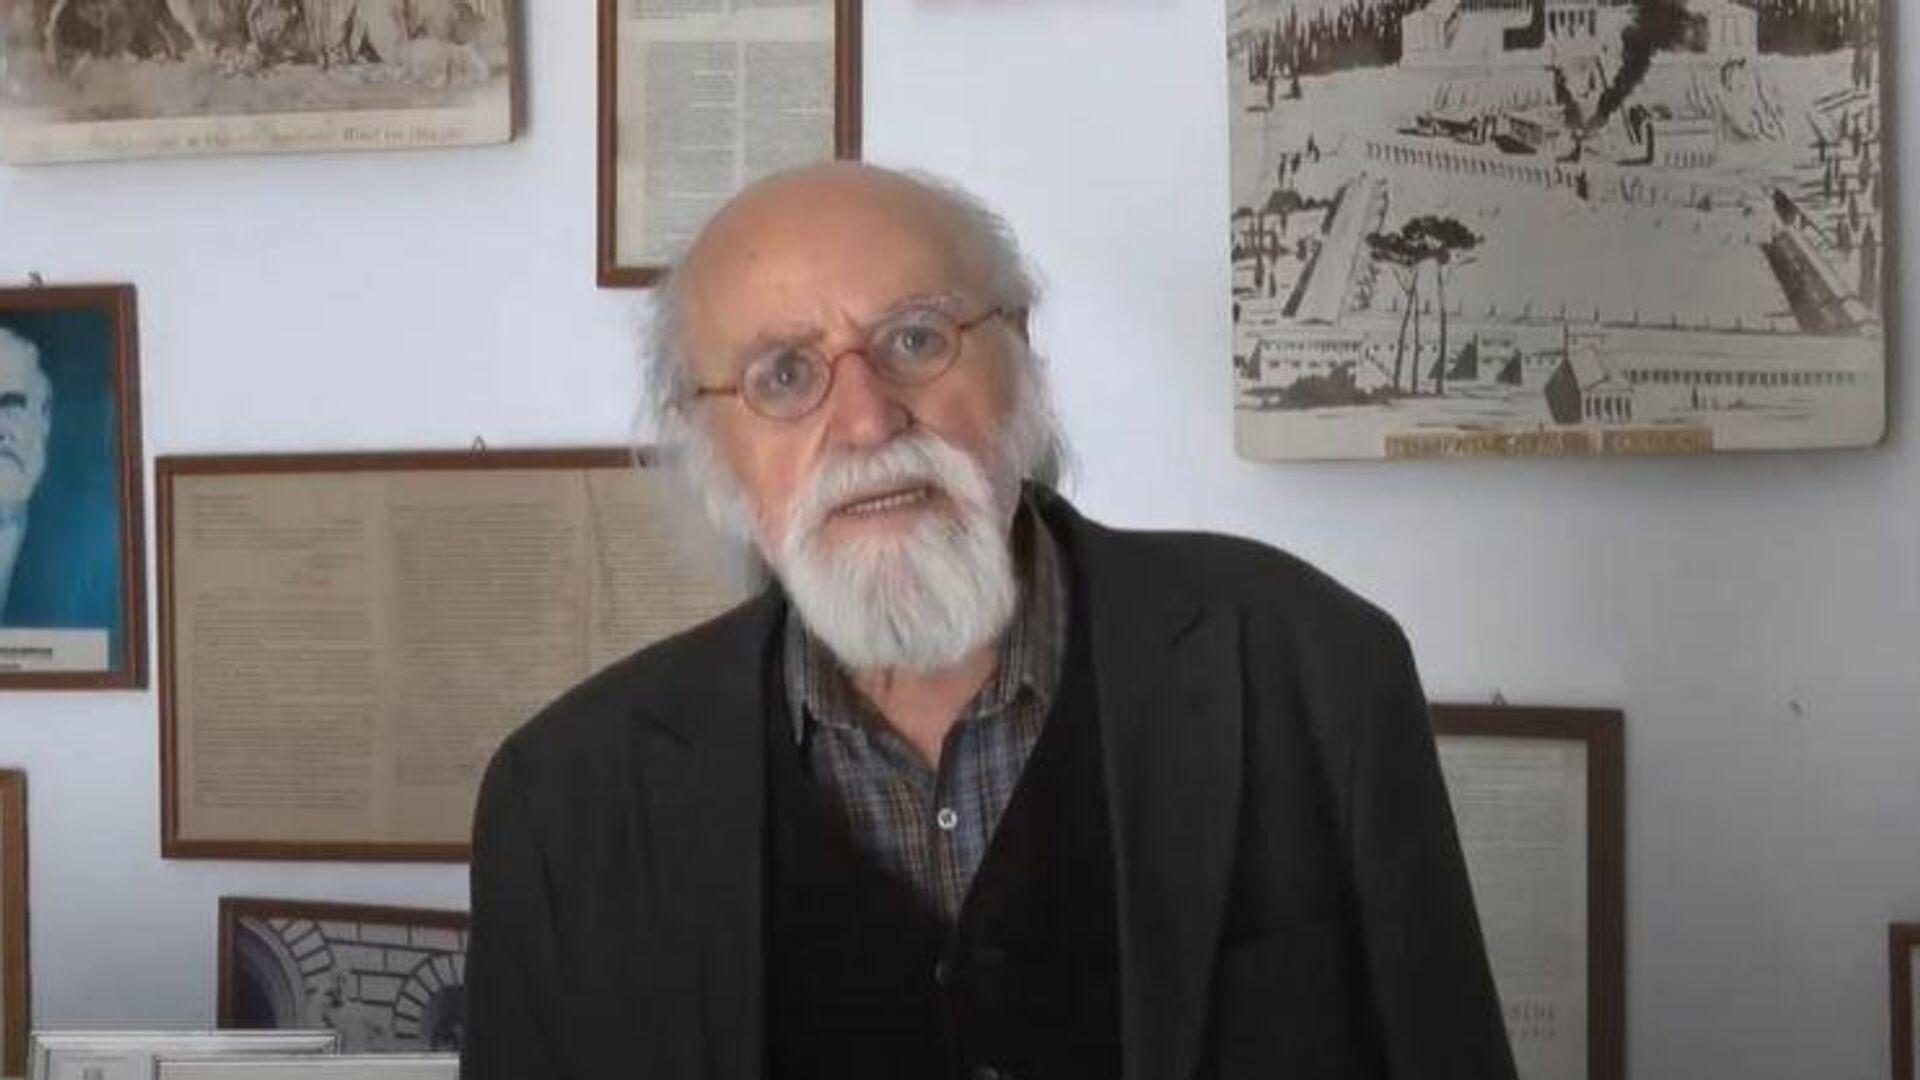 Γεώργιος Καλακαλλάς - Sputnik Ελλάδα, 1920, 20.09.2021